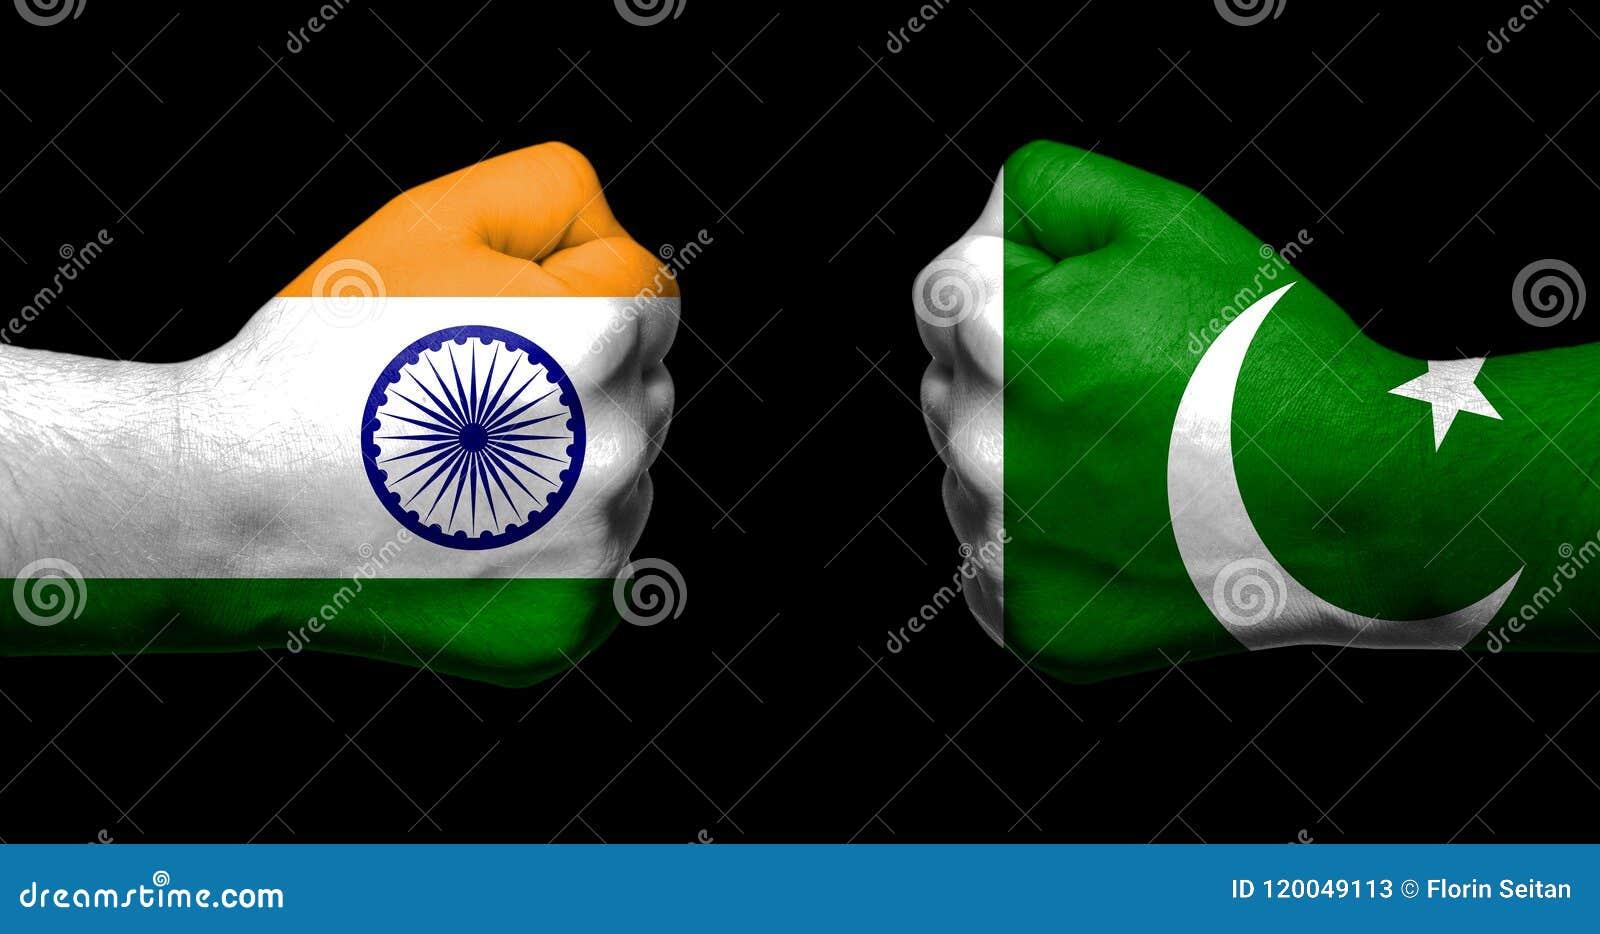 Флаги Индии и Пакистана покрашенных на 2 сжатых кулаках смотря на один другого на черной концепции предпосылки/отношений Индии -